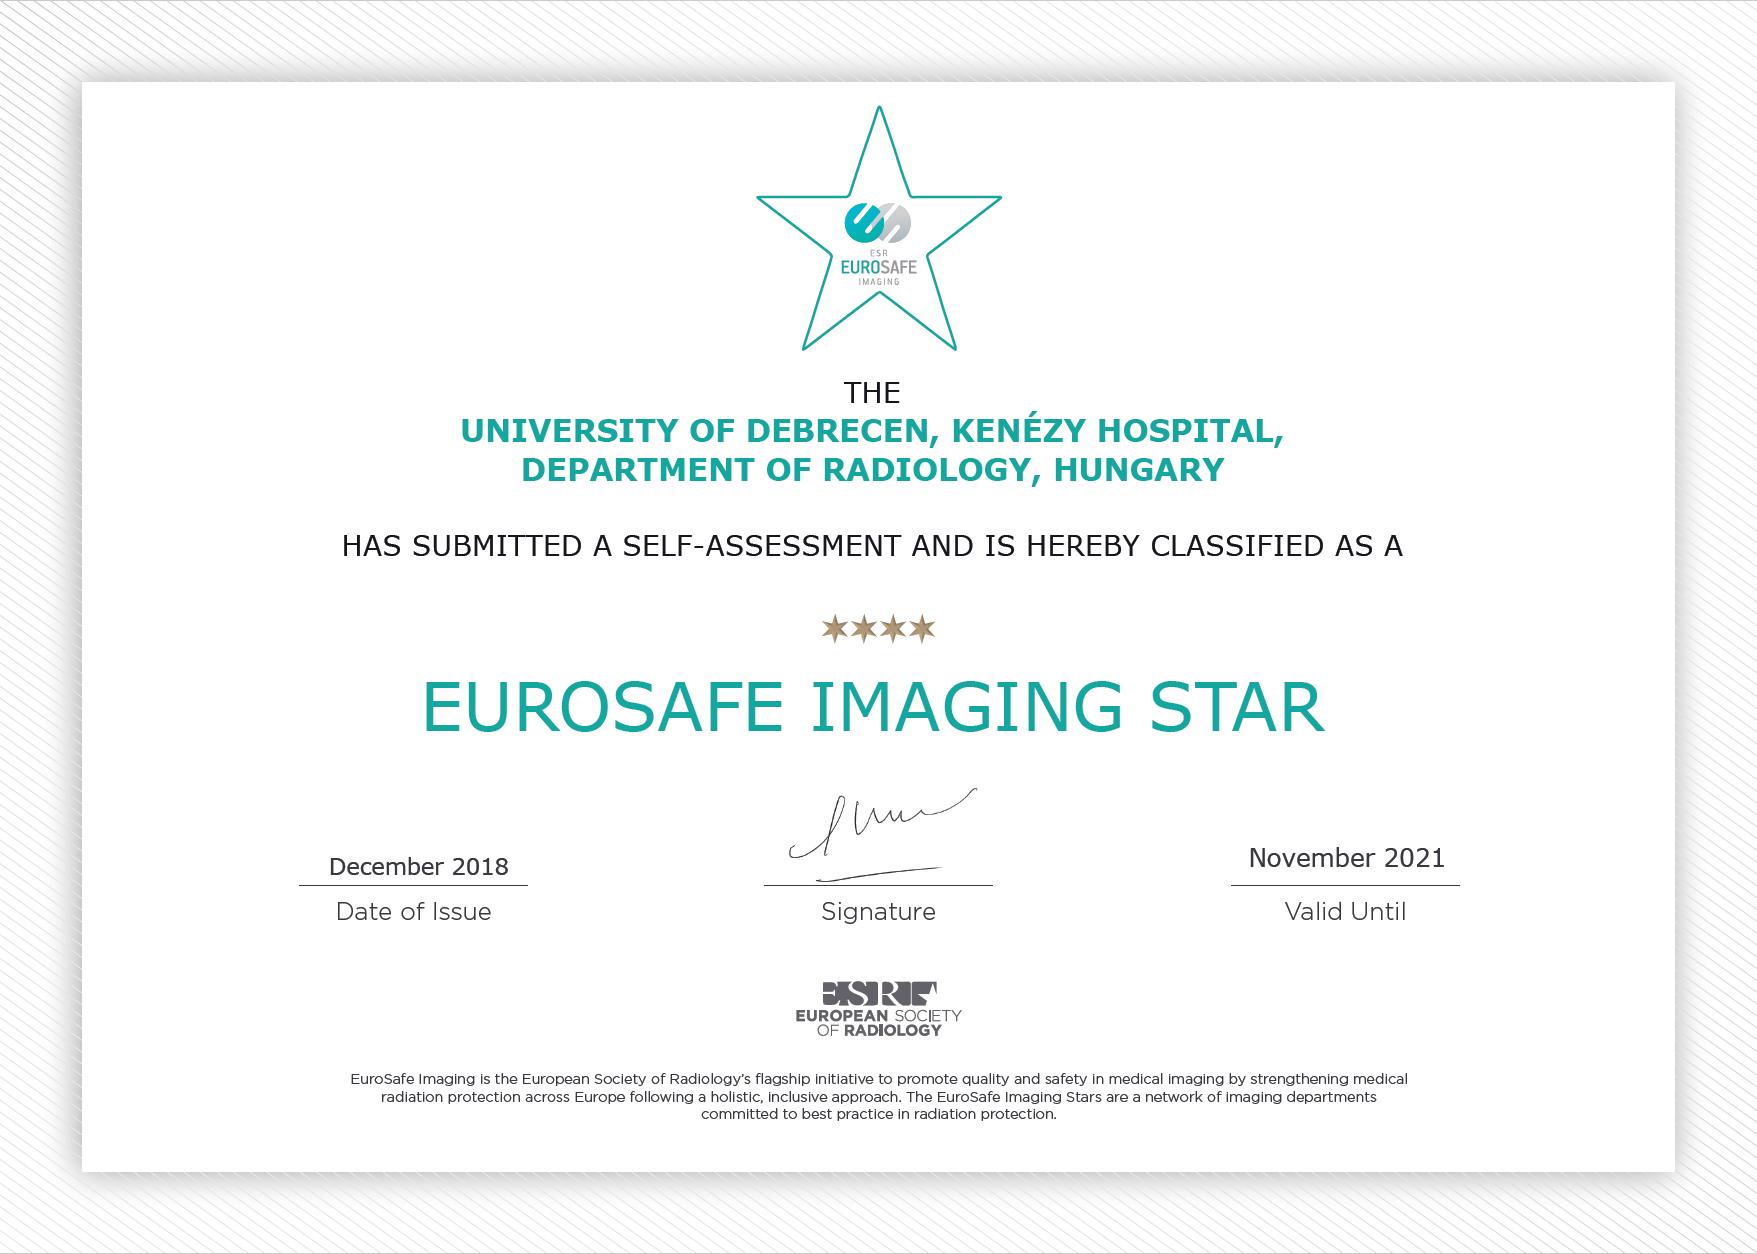 Csillagokkal értékelt biztonság a radiológián